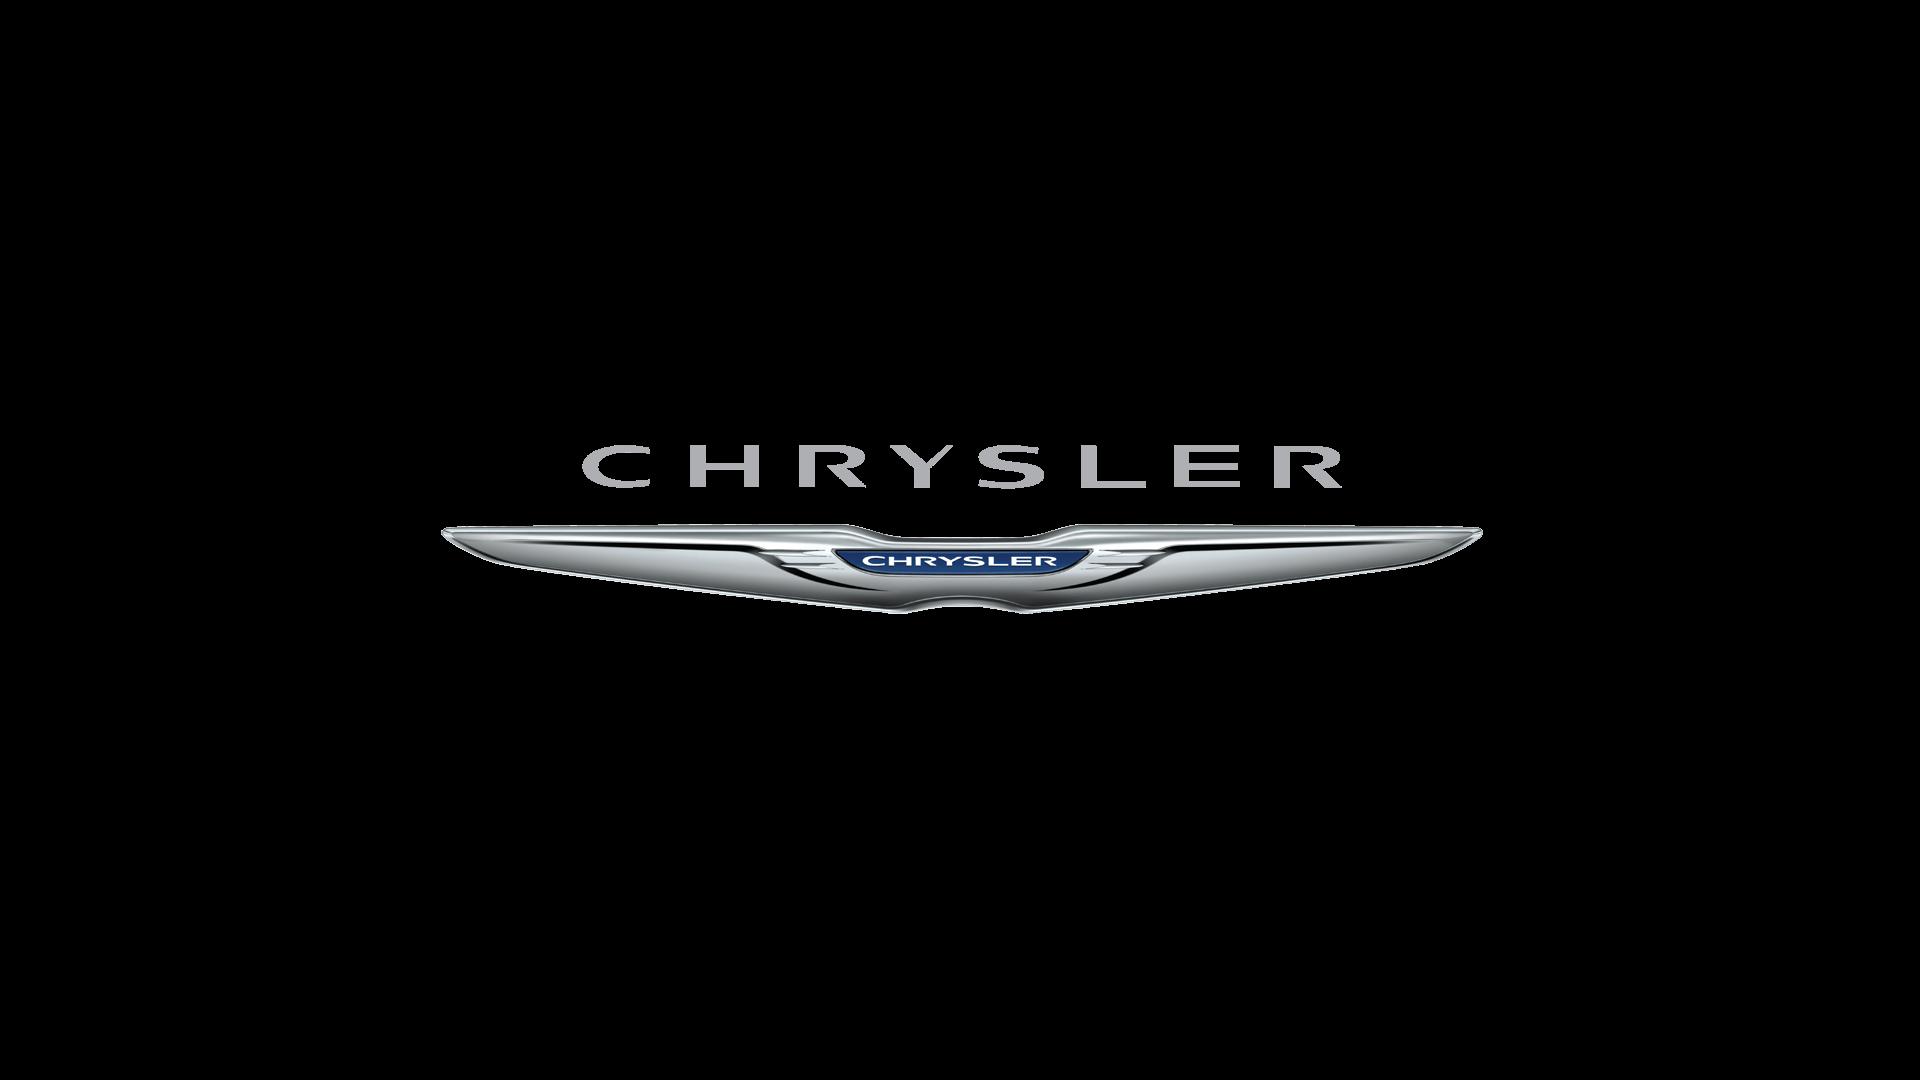 Chrysler Logo Png Image - Pur